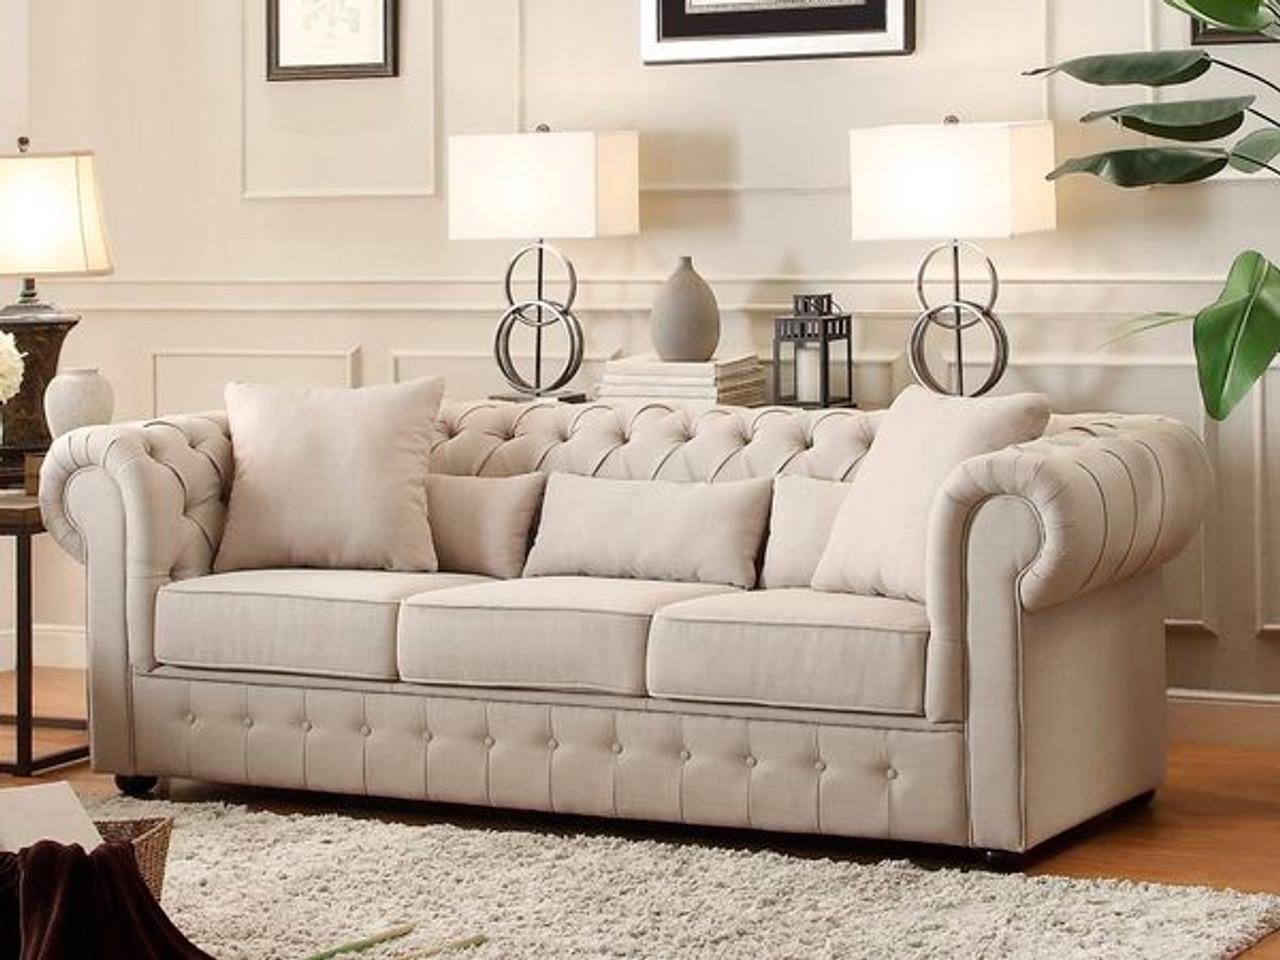 Homelegance 8427 3 Sofa In Living Room